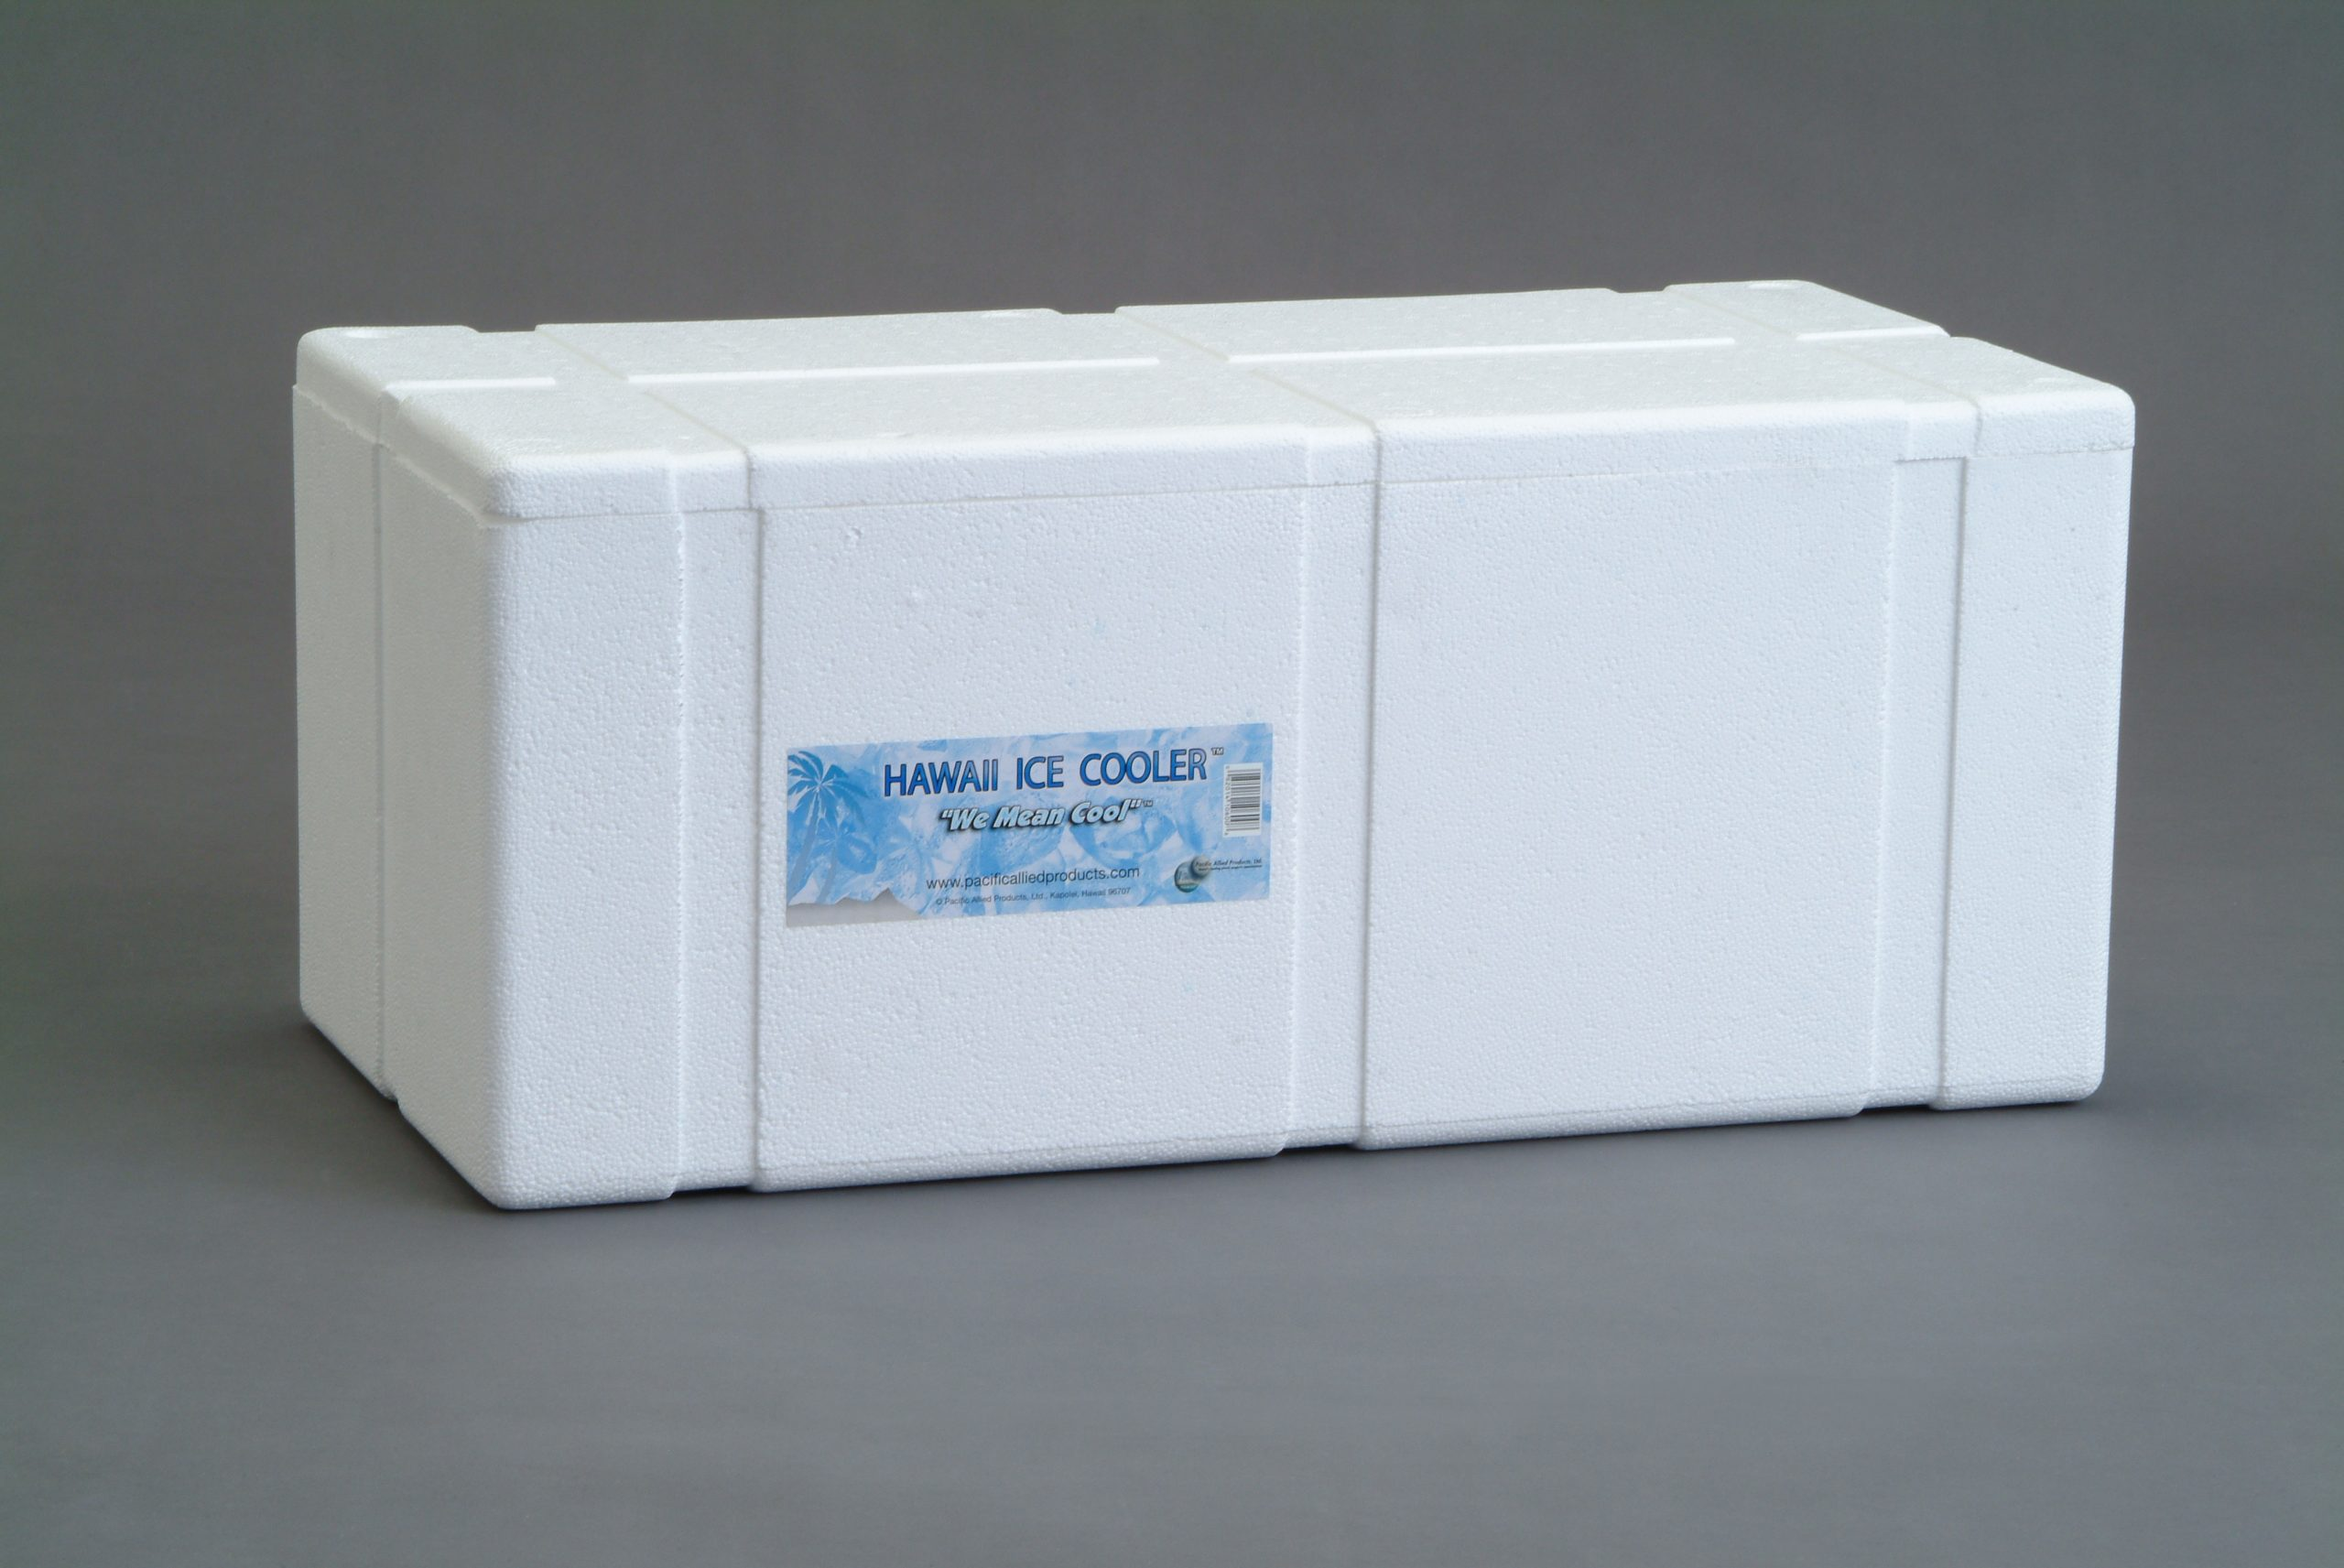 Hawaii Ice Cooler 810